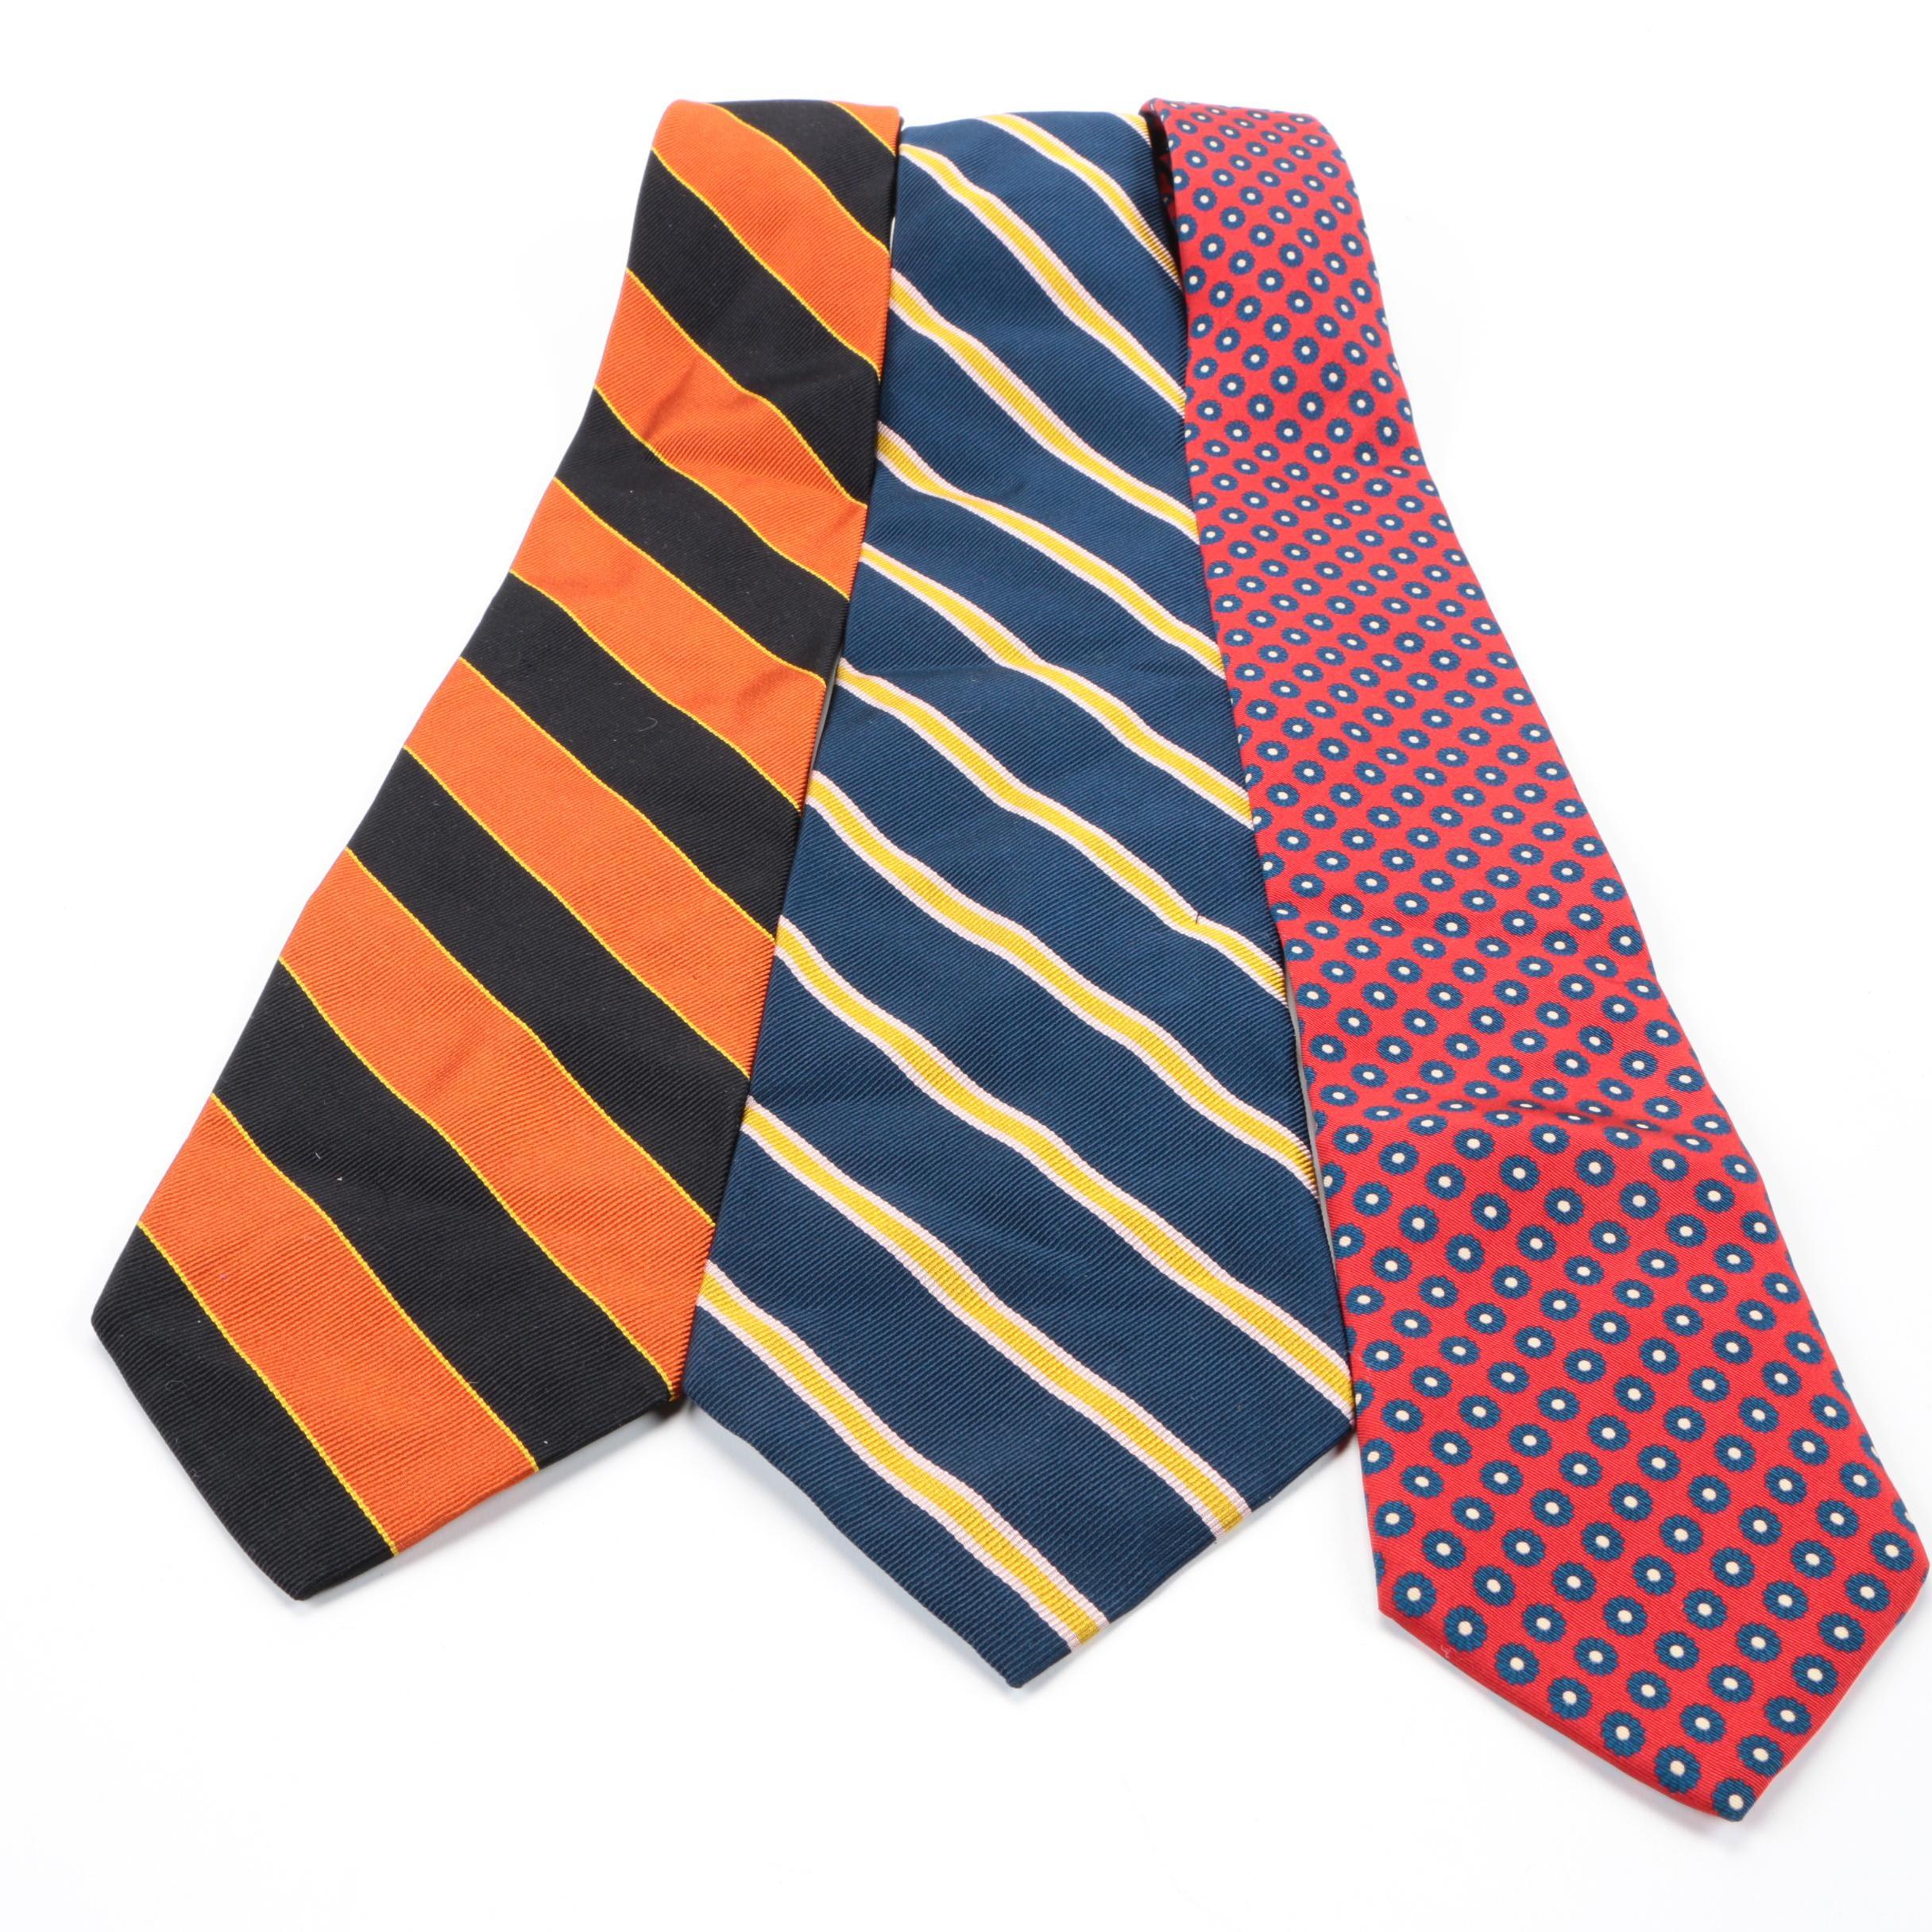 Vintage 1970s Cerruti-CXIII Silk Neckties